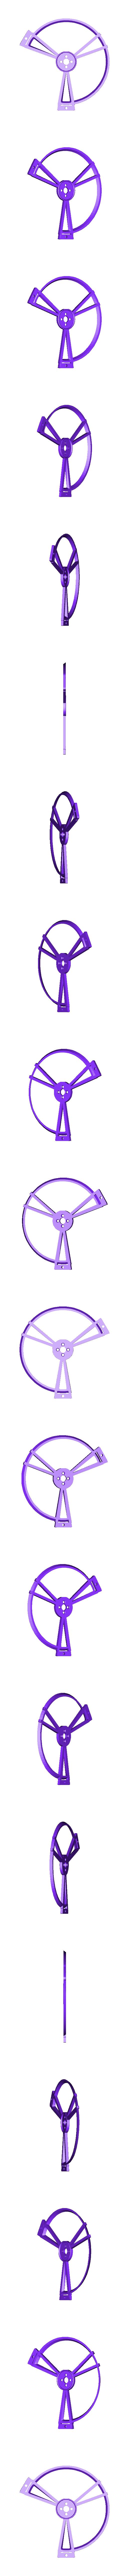 duct_065_low_profile_rf.stl Télécharger fichier STL gratuit Micro quadrocoptère - Semi-conduits interchangeables - Châssis en Beecheese V11 • Modèle pour imprimante 3D, noctaro